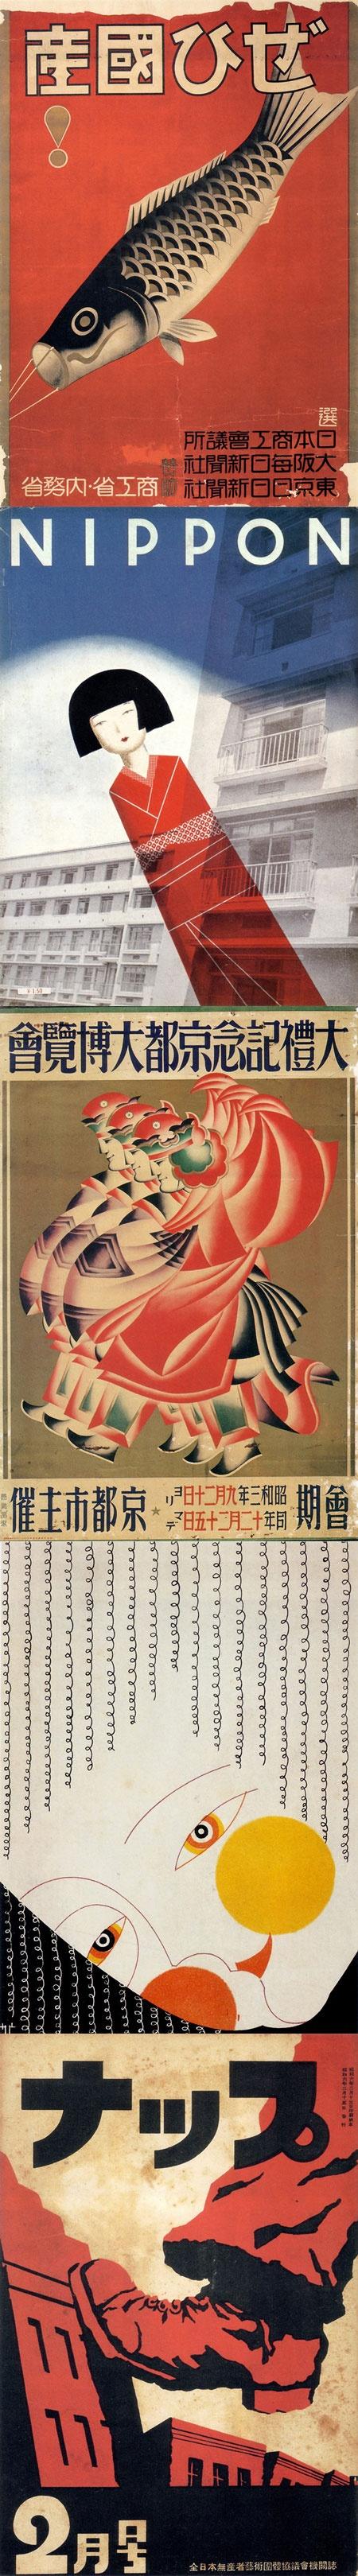 Um pouco de Design Gráfico Japonês nos anos de 1920 e 30 :)